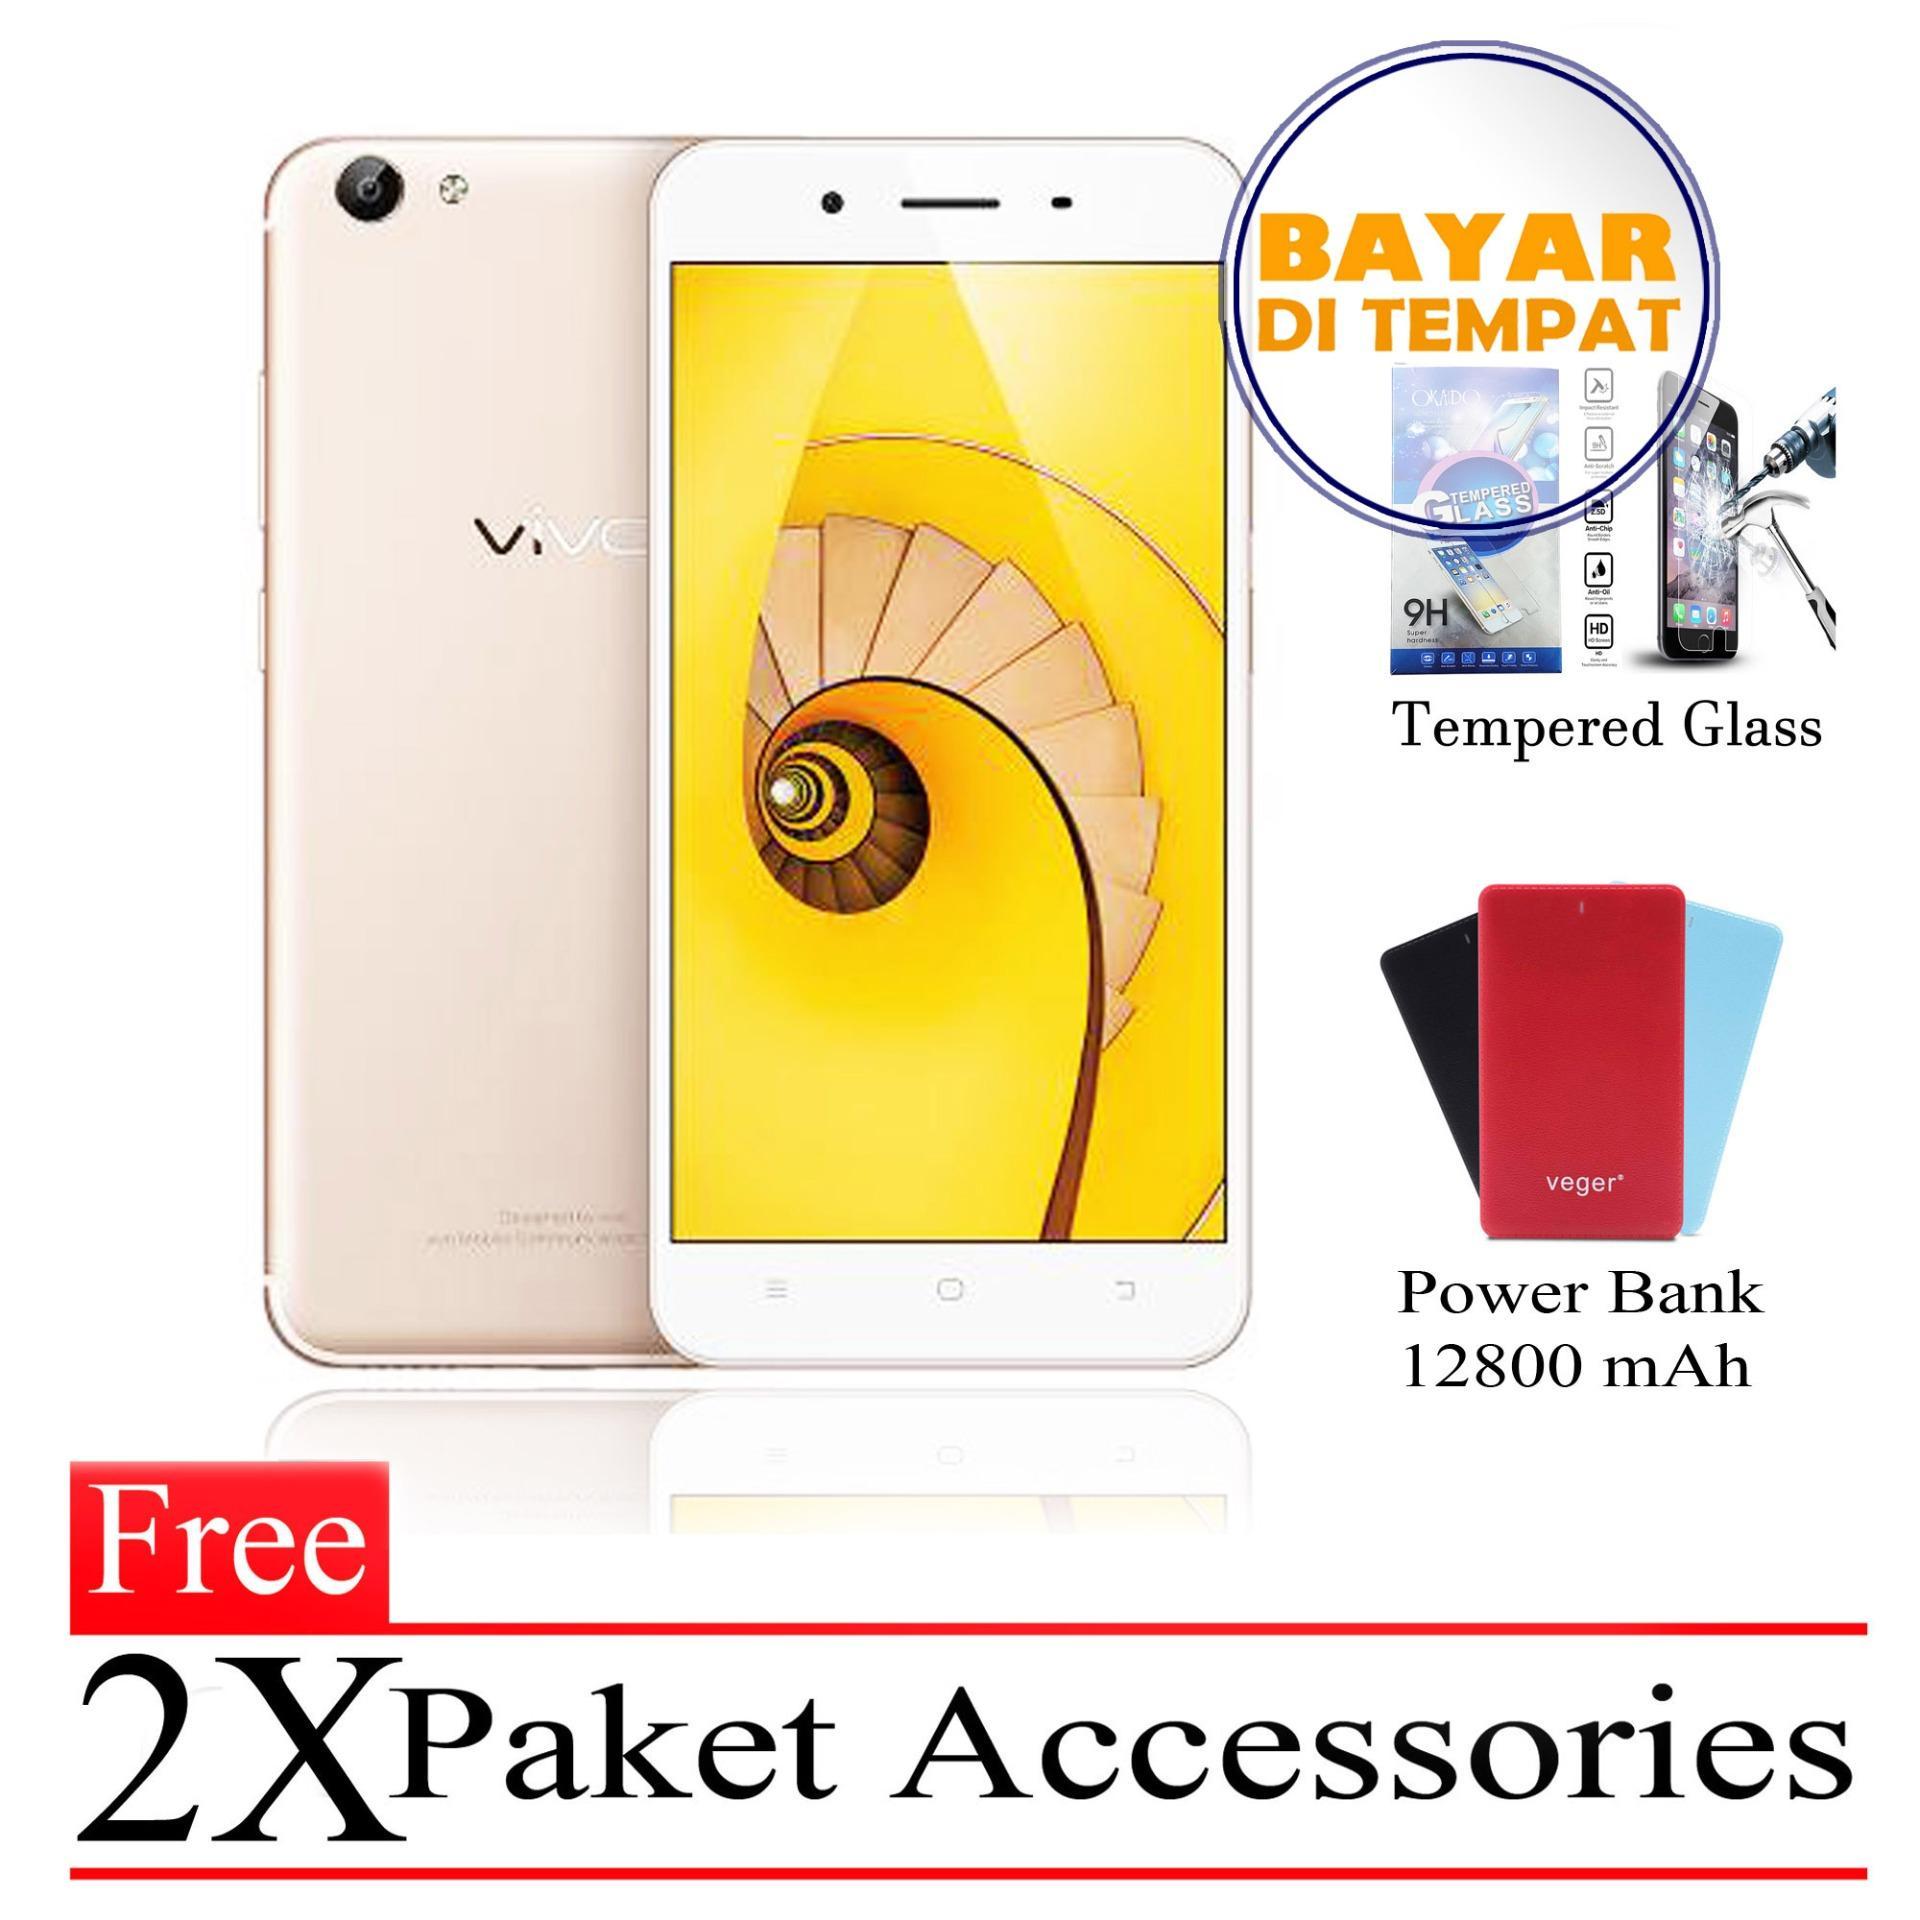 Vivo Y65 Ram 3GB 32GB Free 2x Paket Accessories